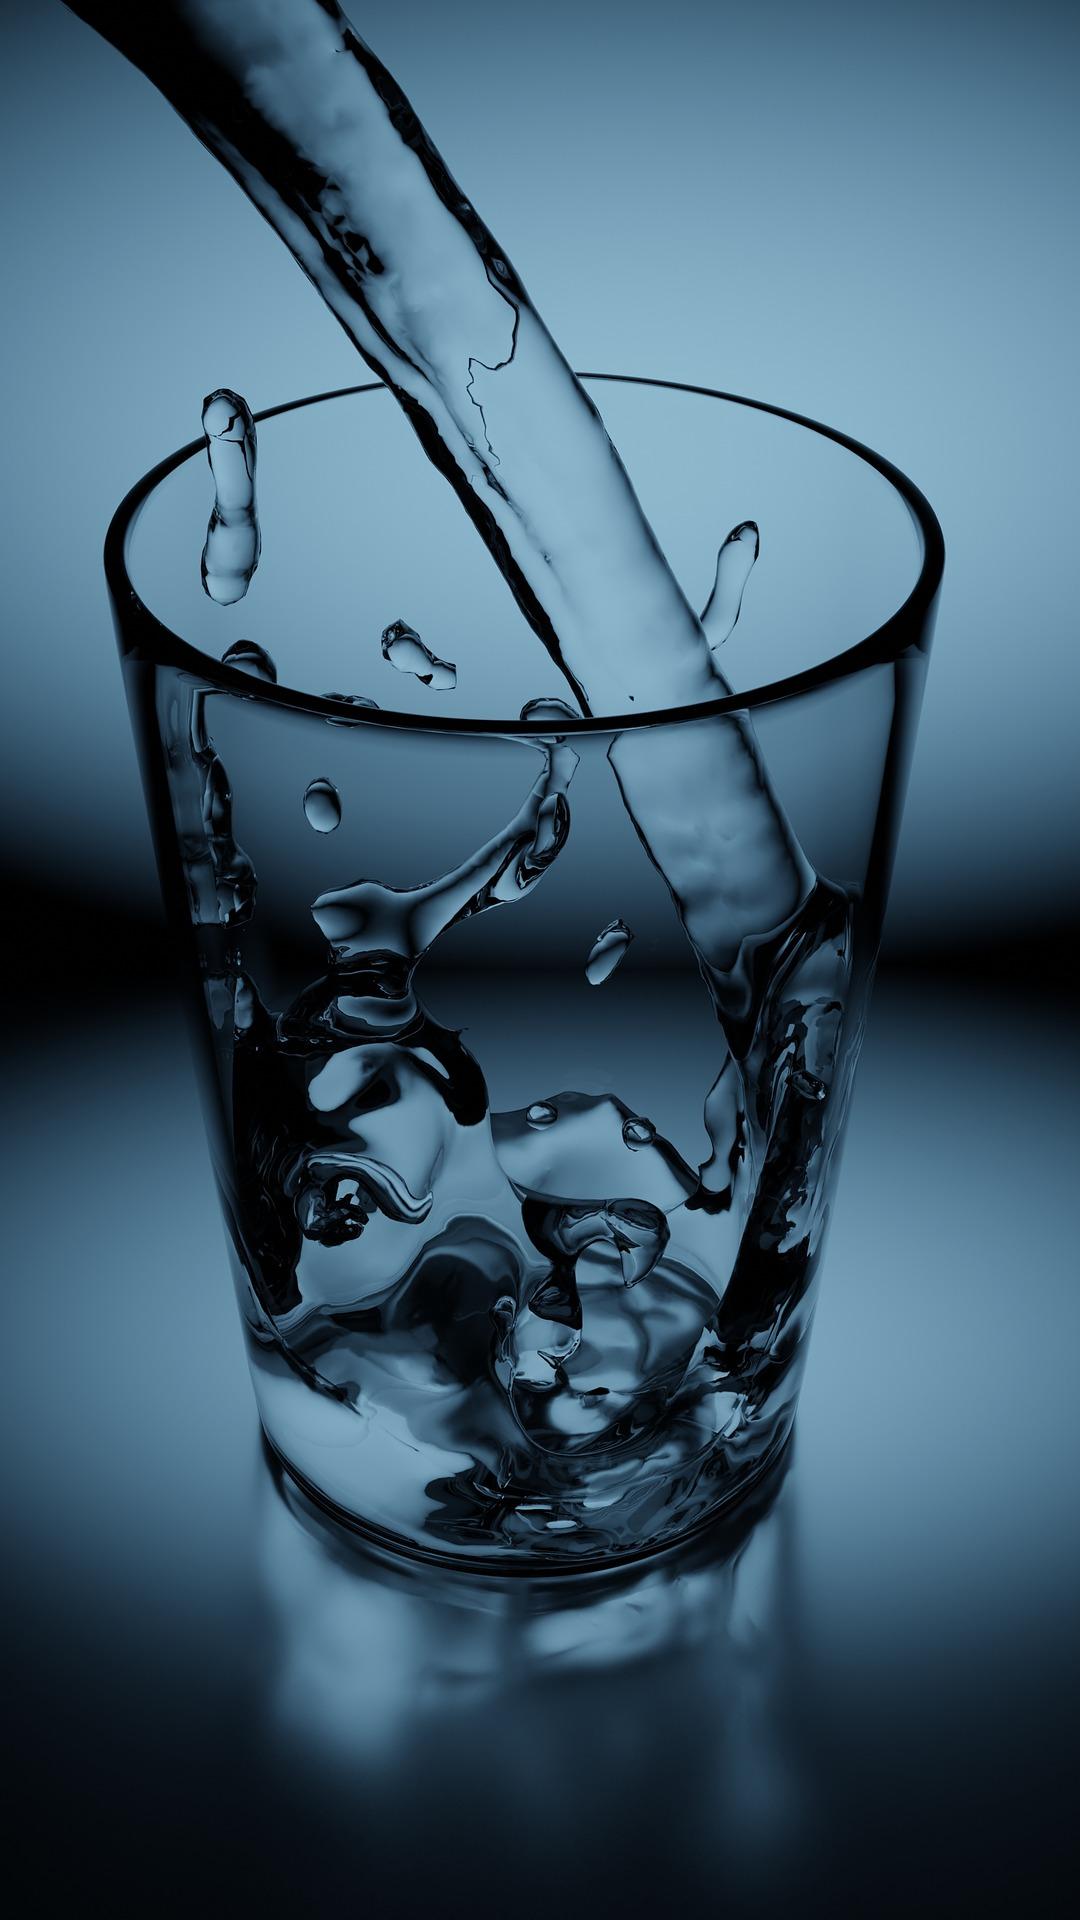 water-3926720_1920.jpg